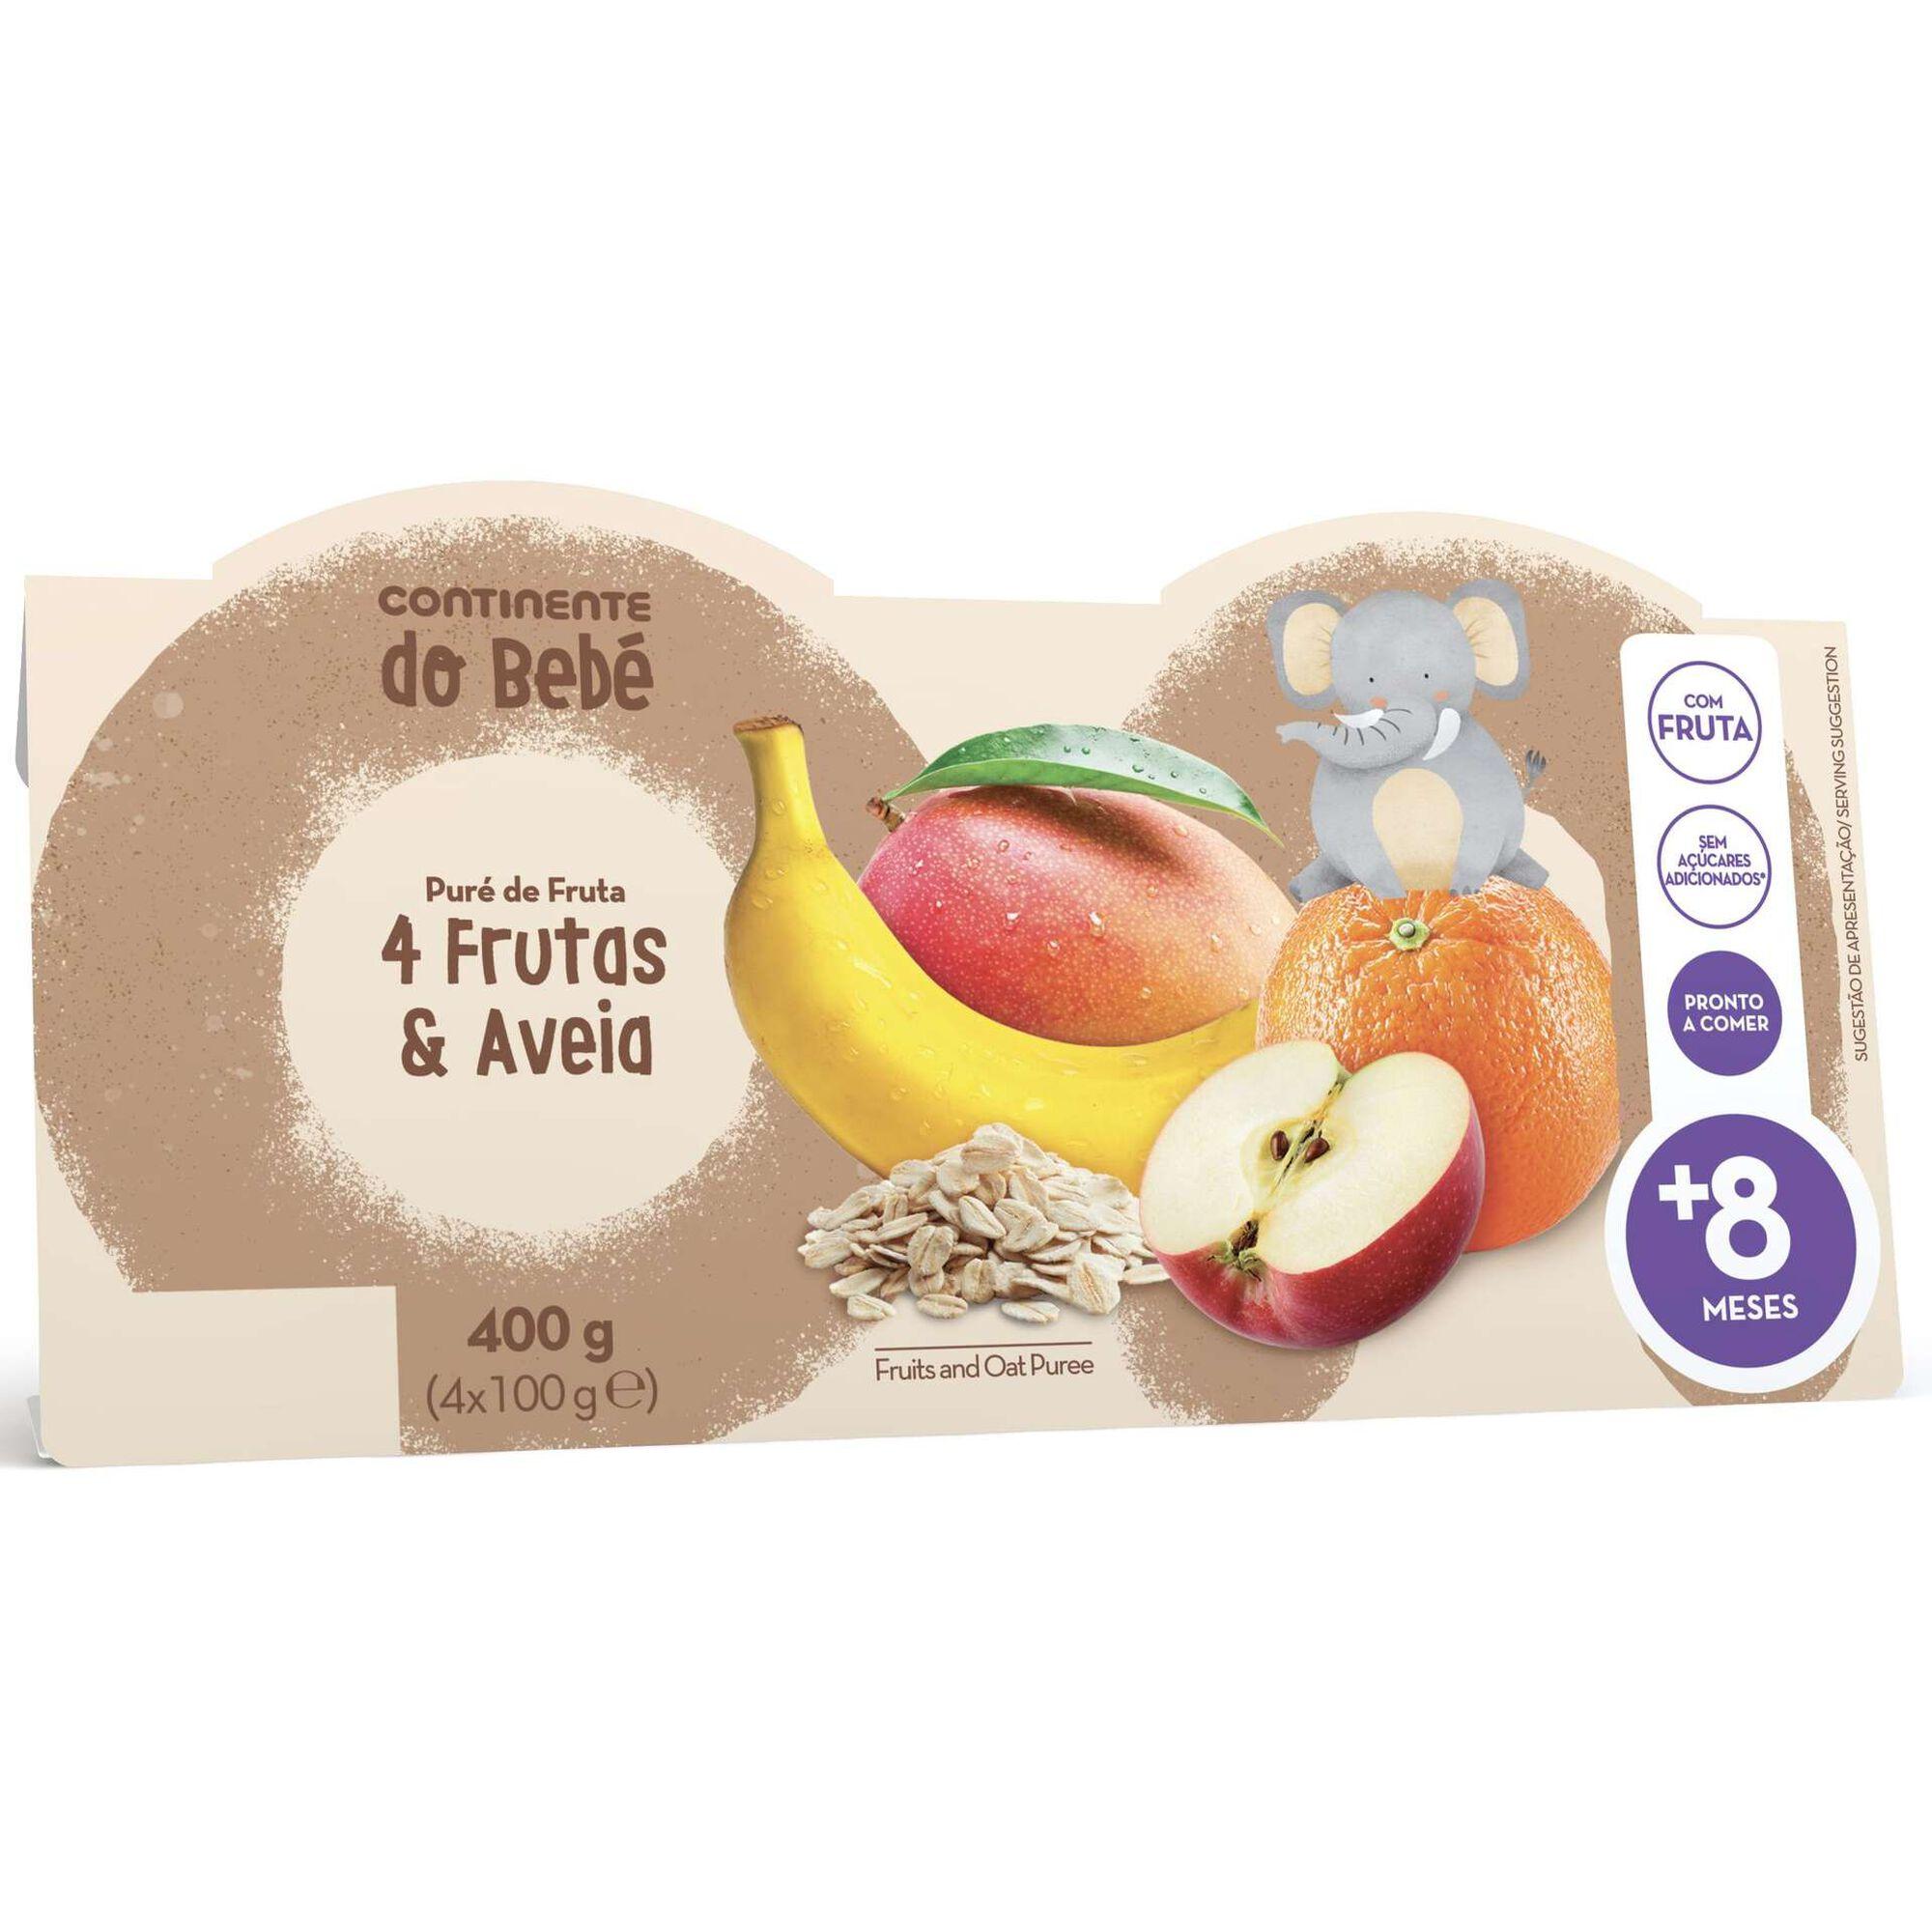 Puré de Fruta 4 Frutas e Aveia +8 Meses